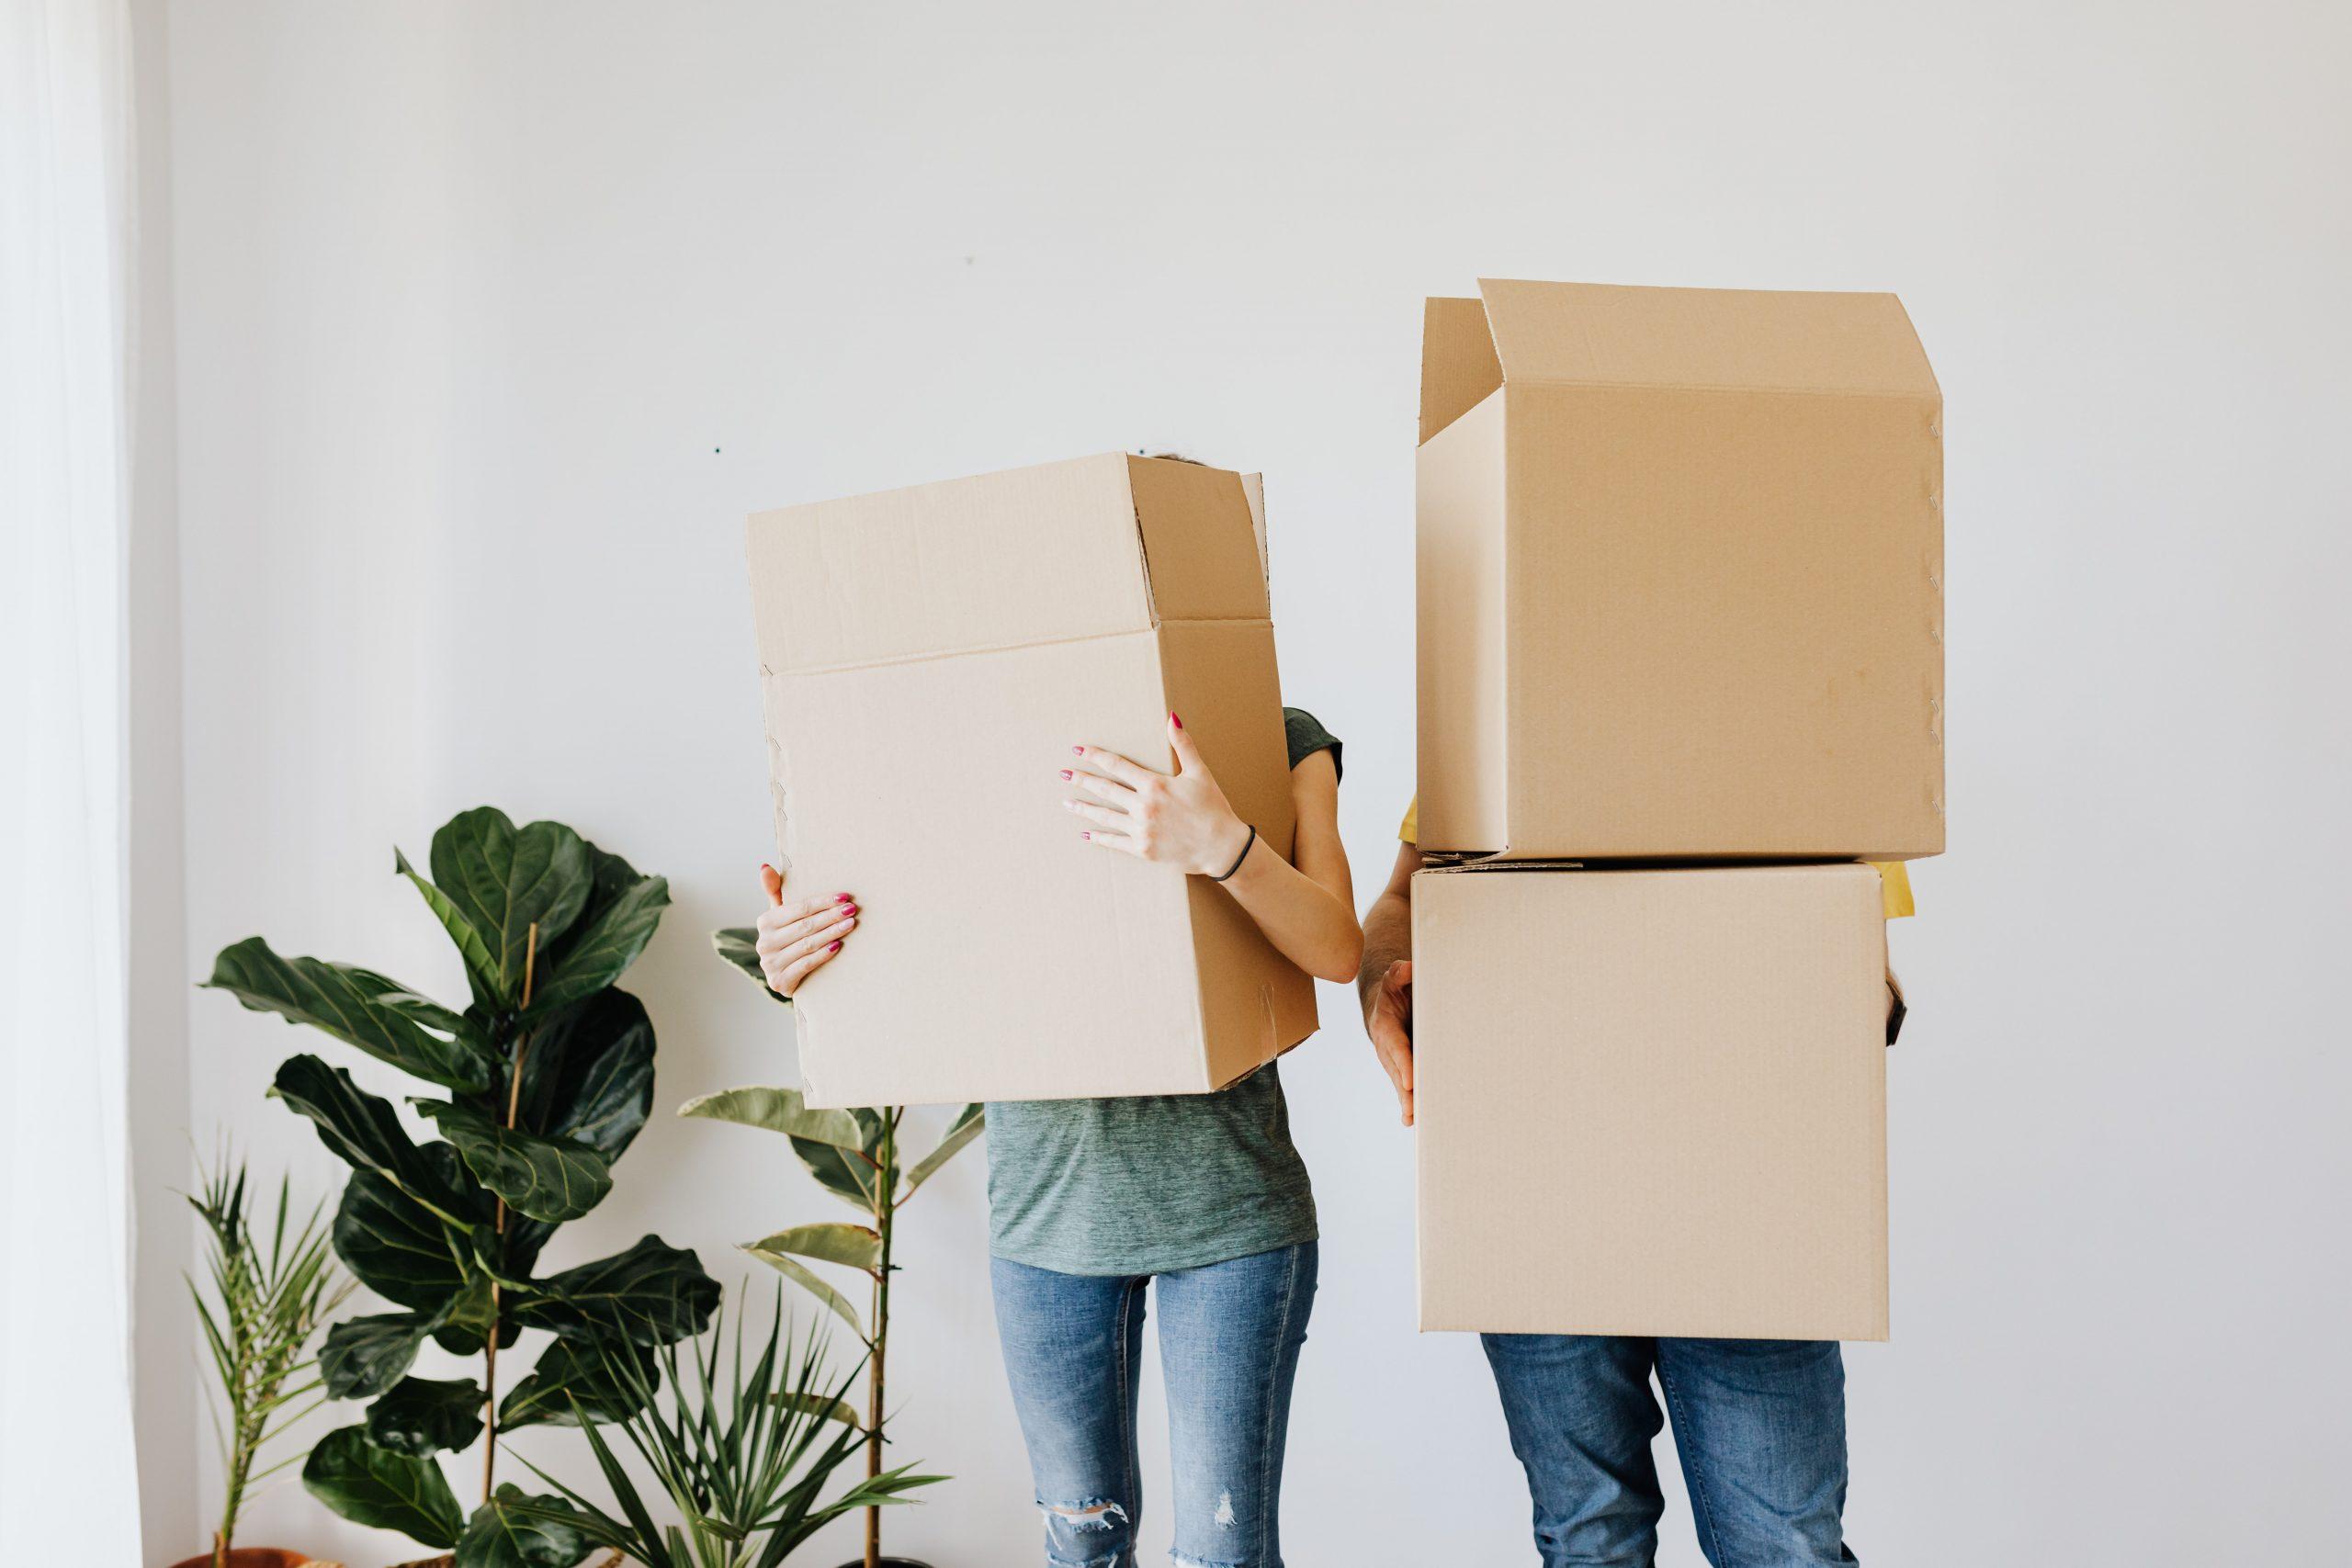 Hvordan sender man en pakke, og hvad koster det?